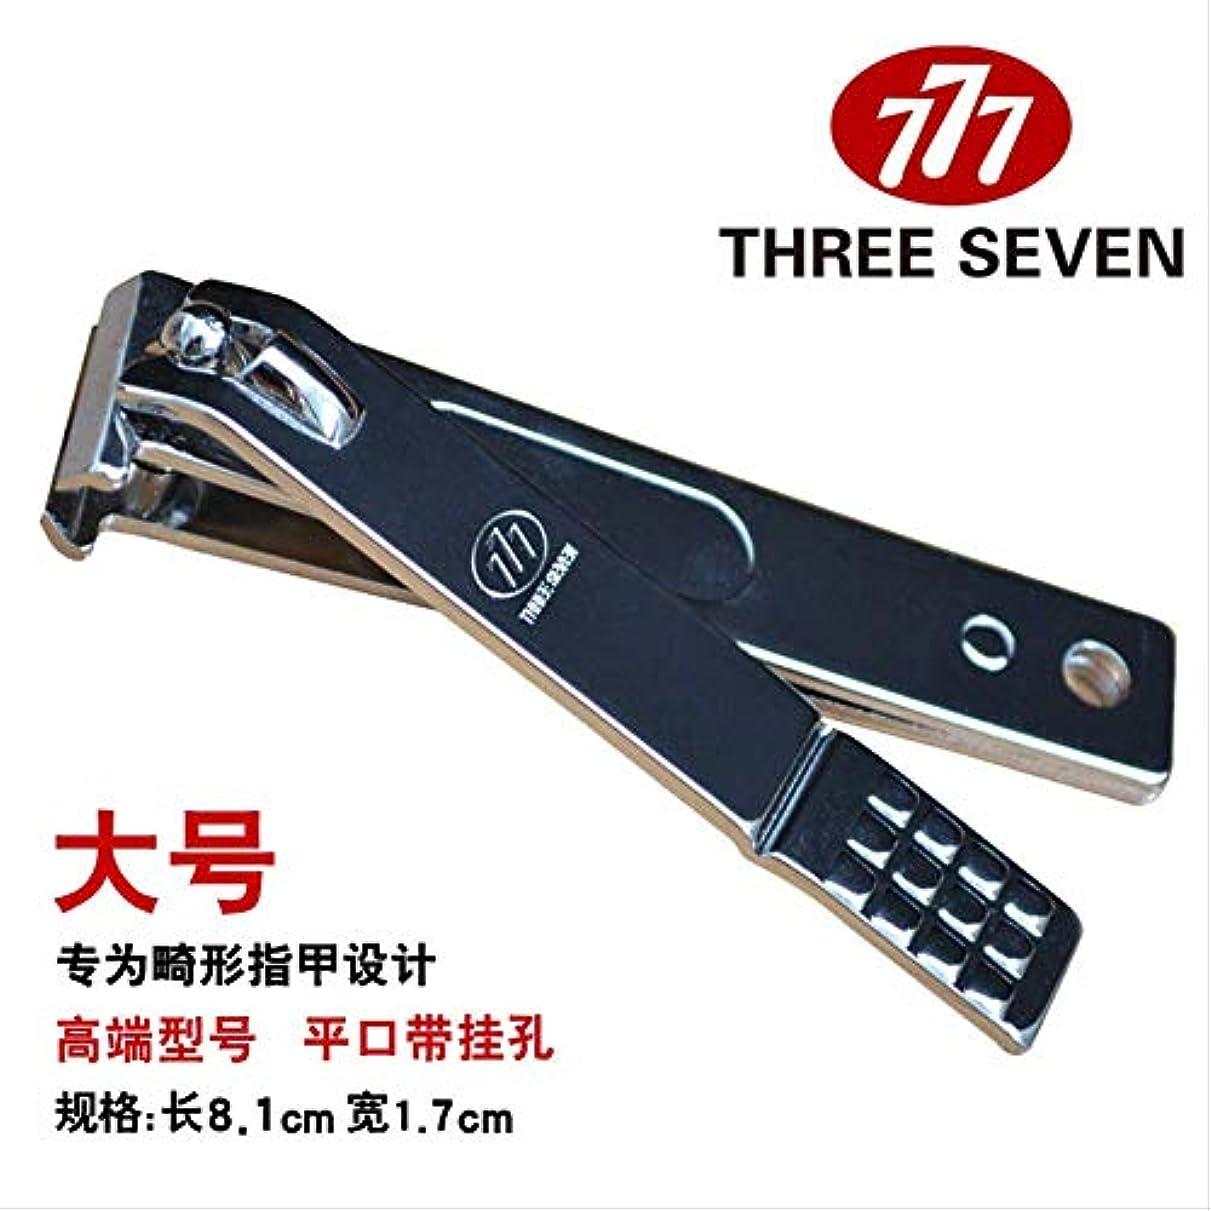 受益者巻き取り小学生韓国777爪切りはさみ元平口斜め爪切り小さな爪切り大本物 N-240ZA